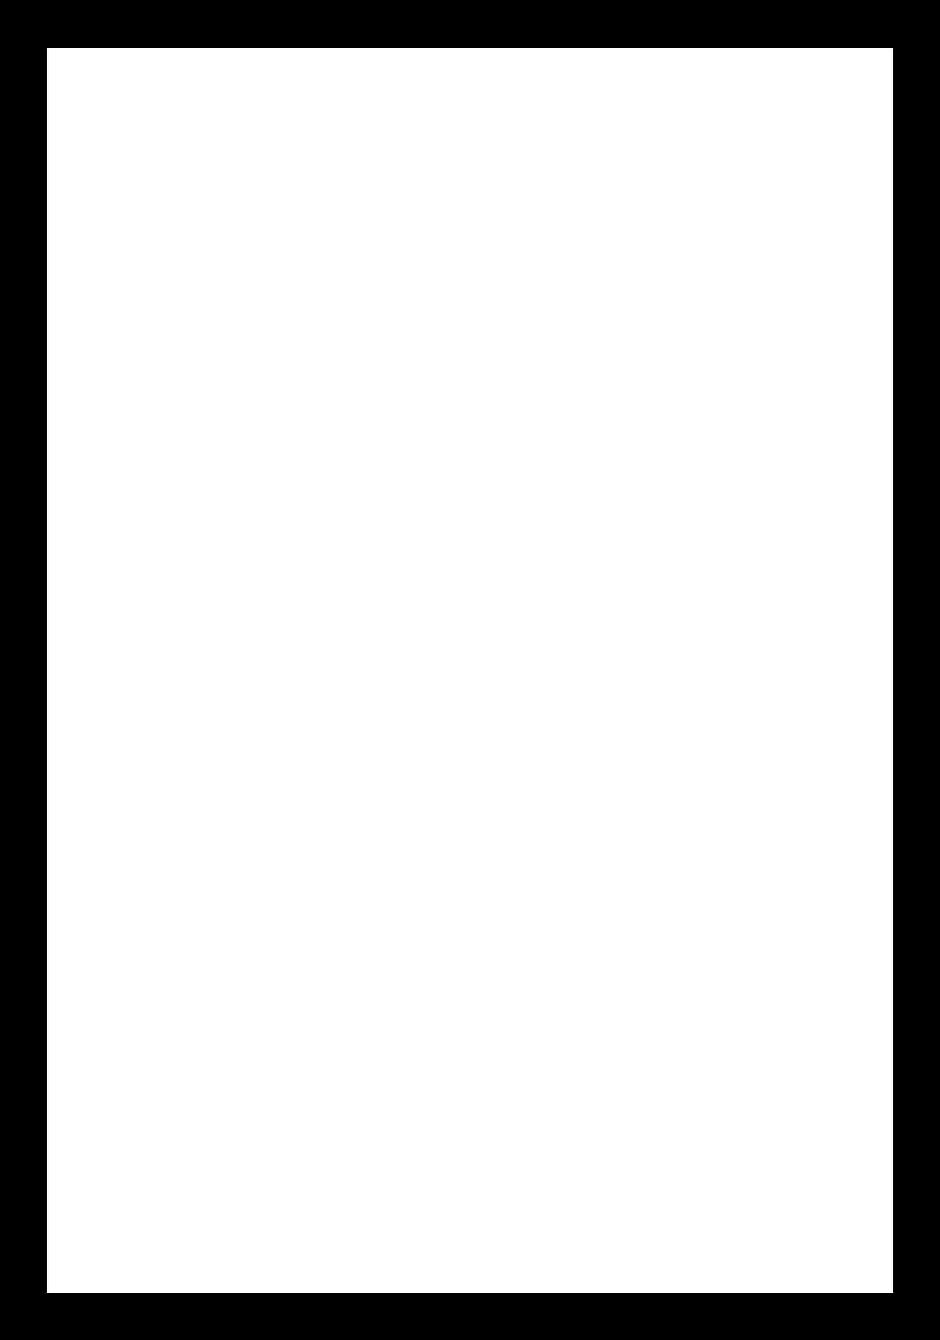 FRAME-6-CM-MAT-3-CM-BLACK.png